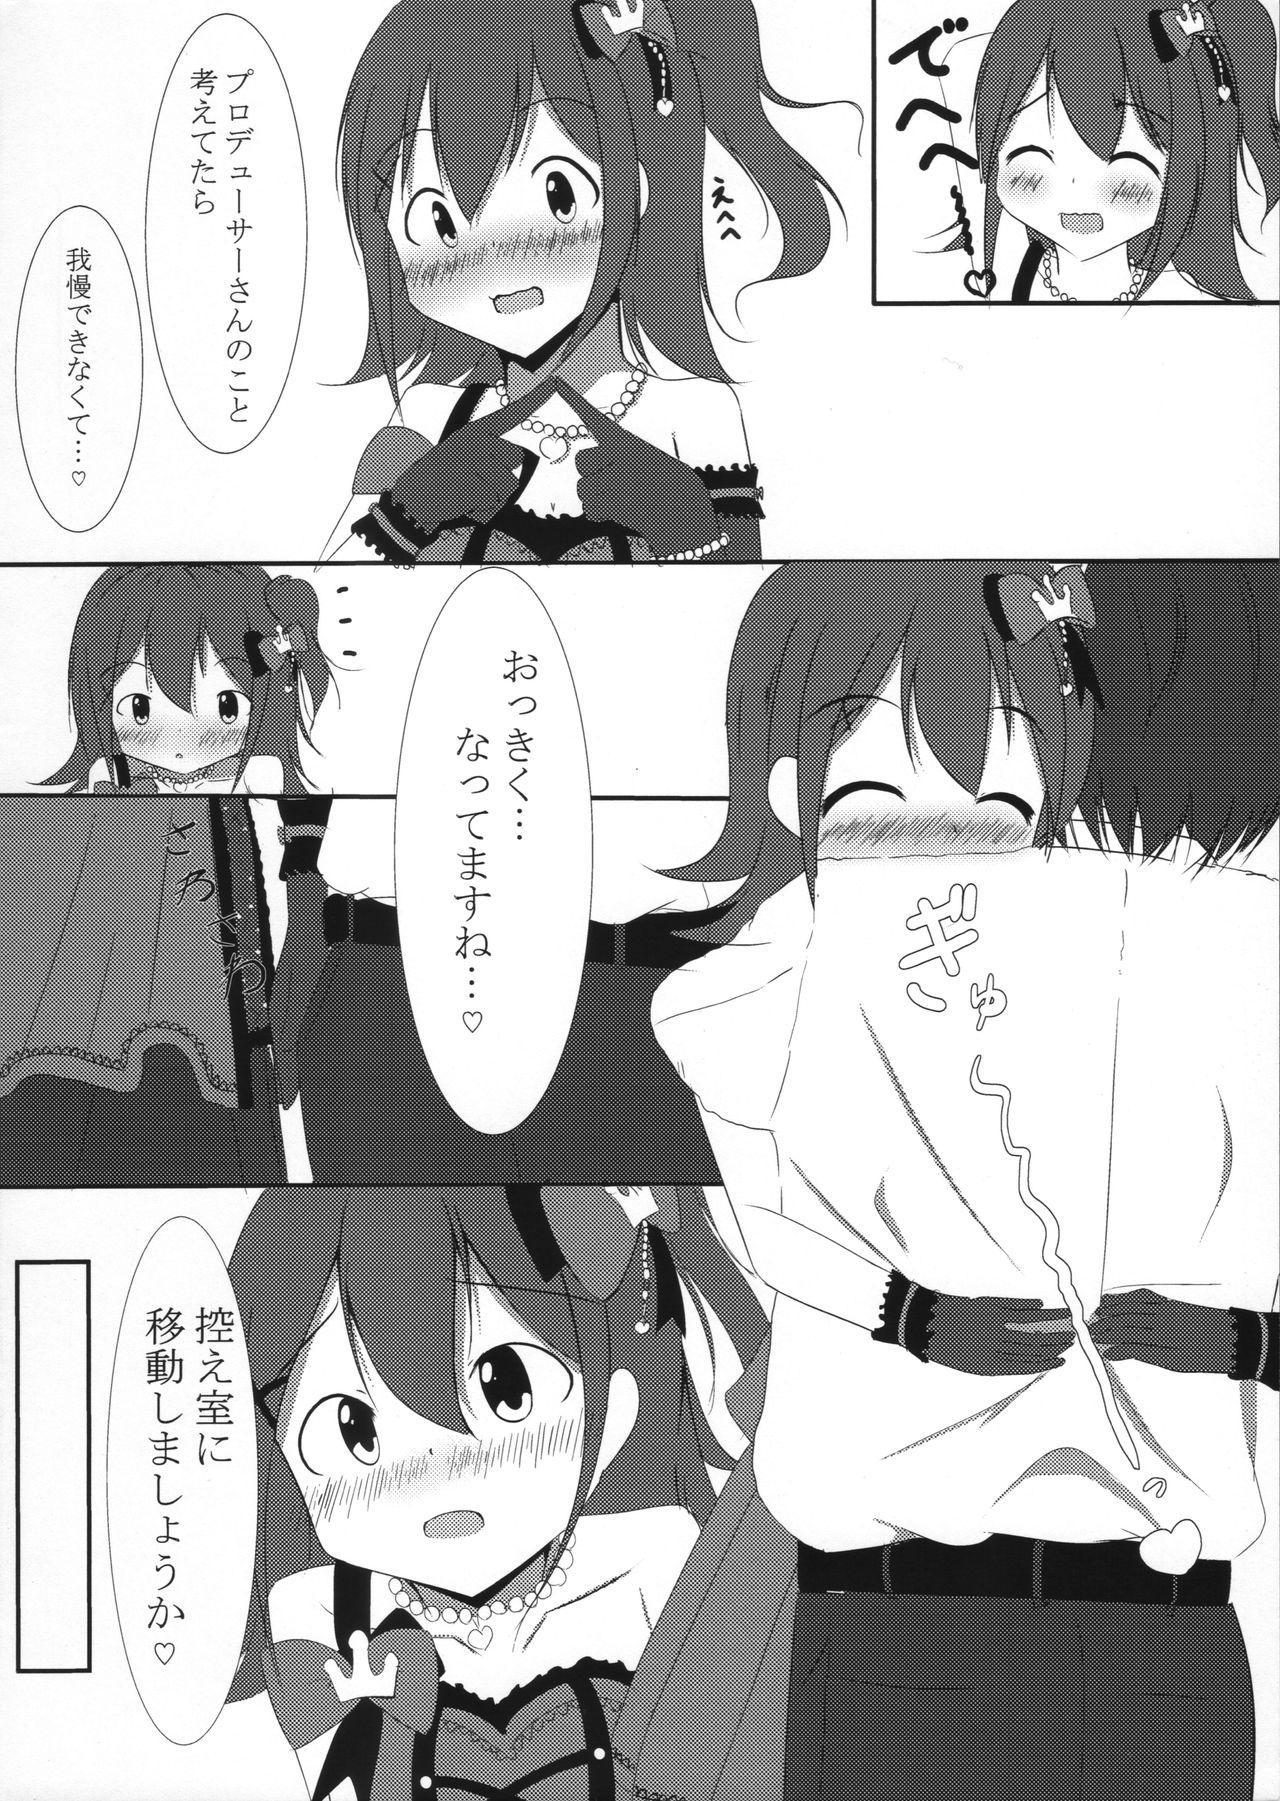 Mirai-cha to Ecchi Shitai 3